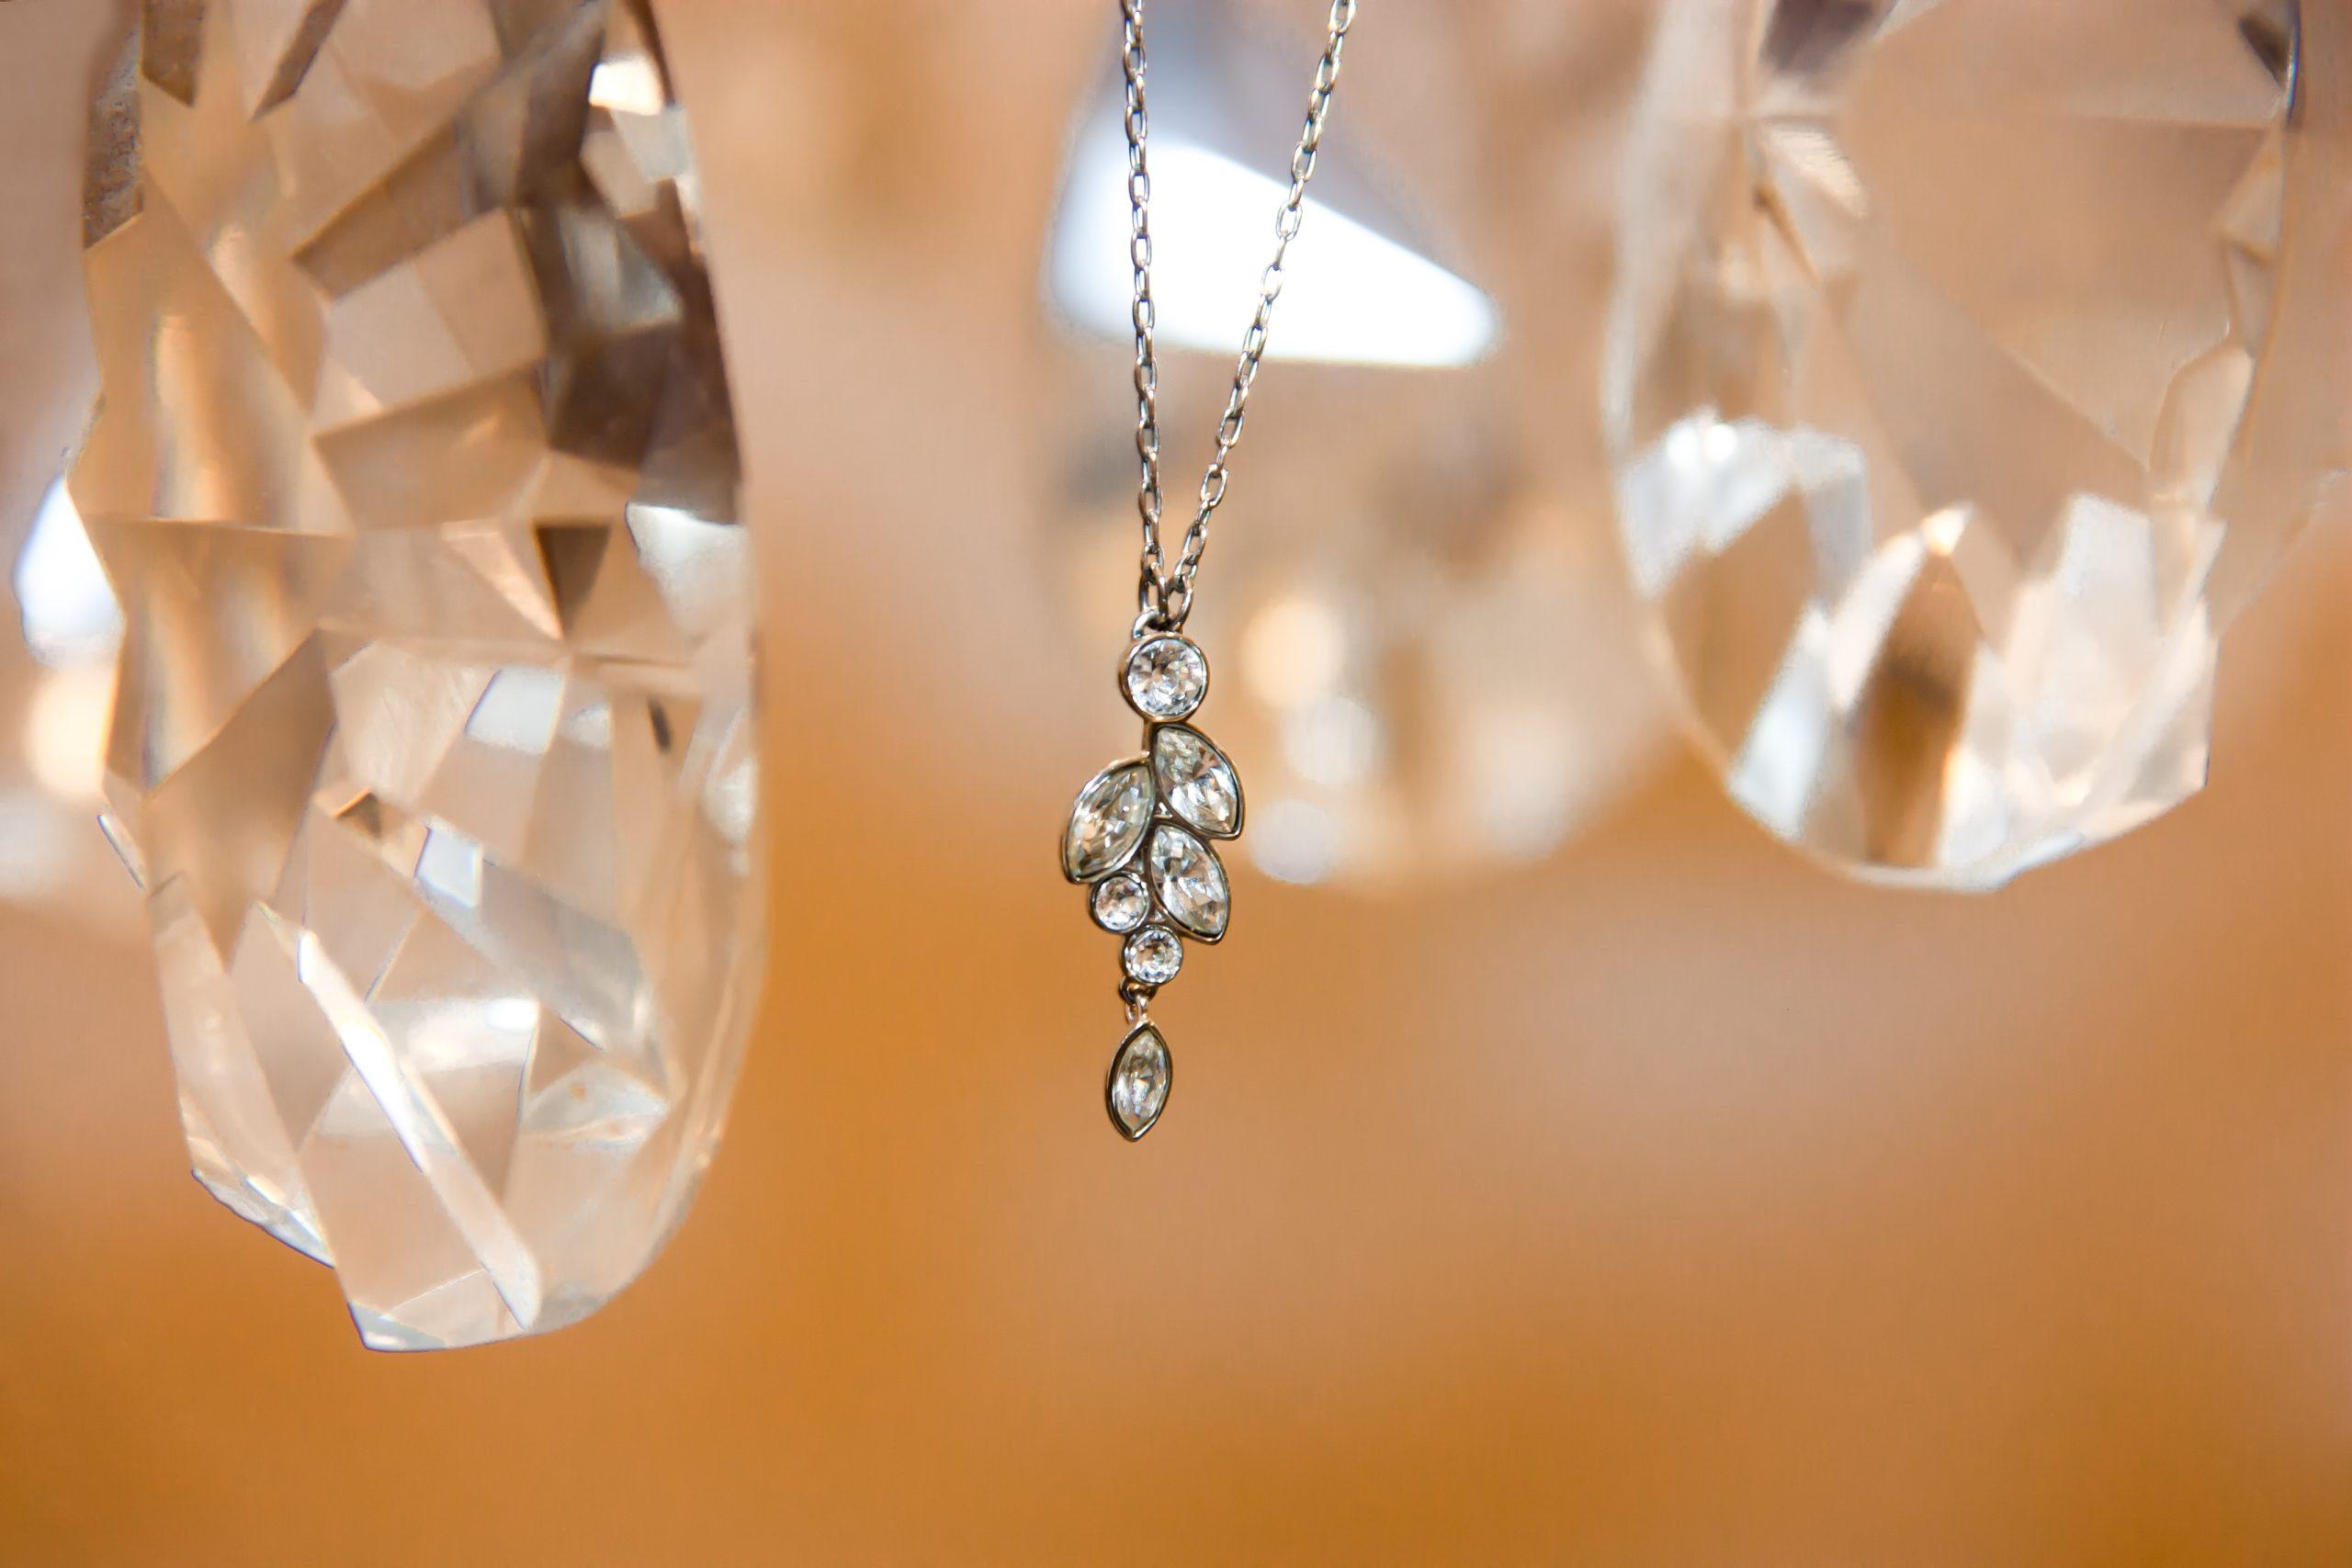 Ventajas de la joyería artesanal - Joyería Montón